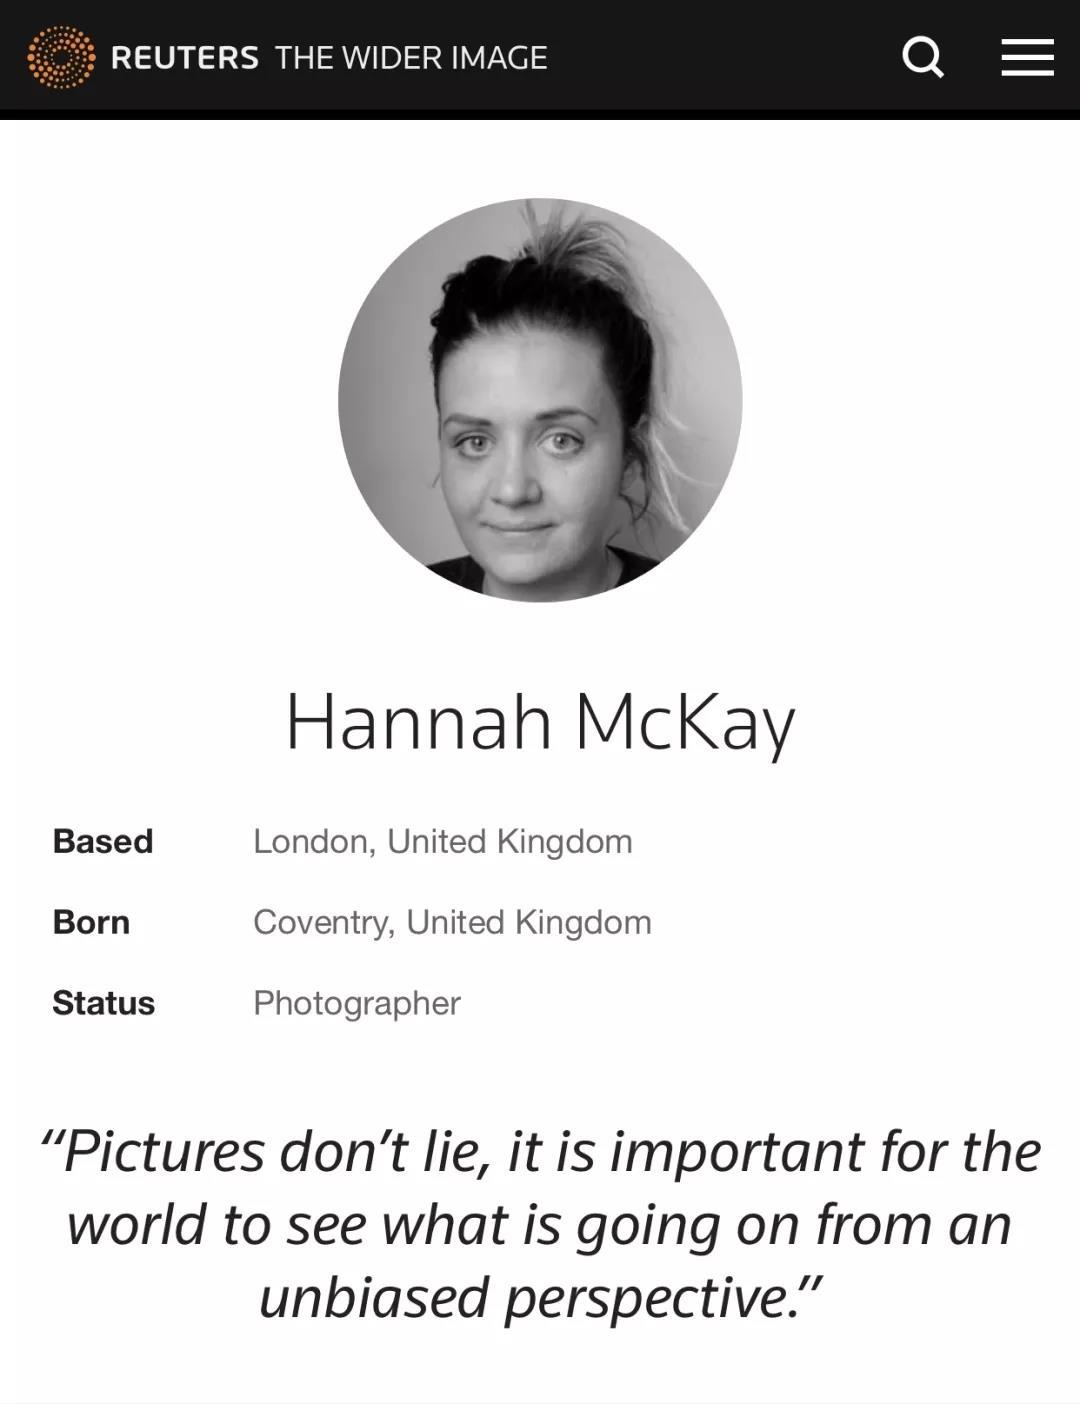 一名女性新闻摄影记者是怎样的体验?